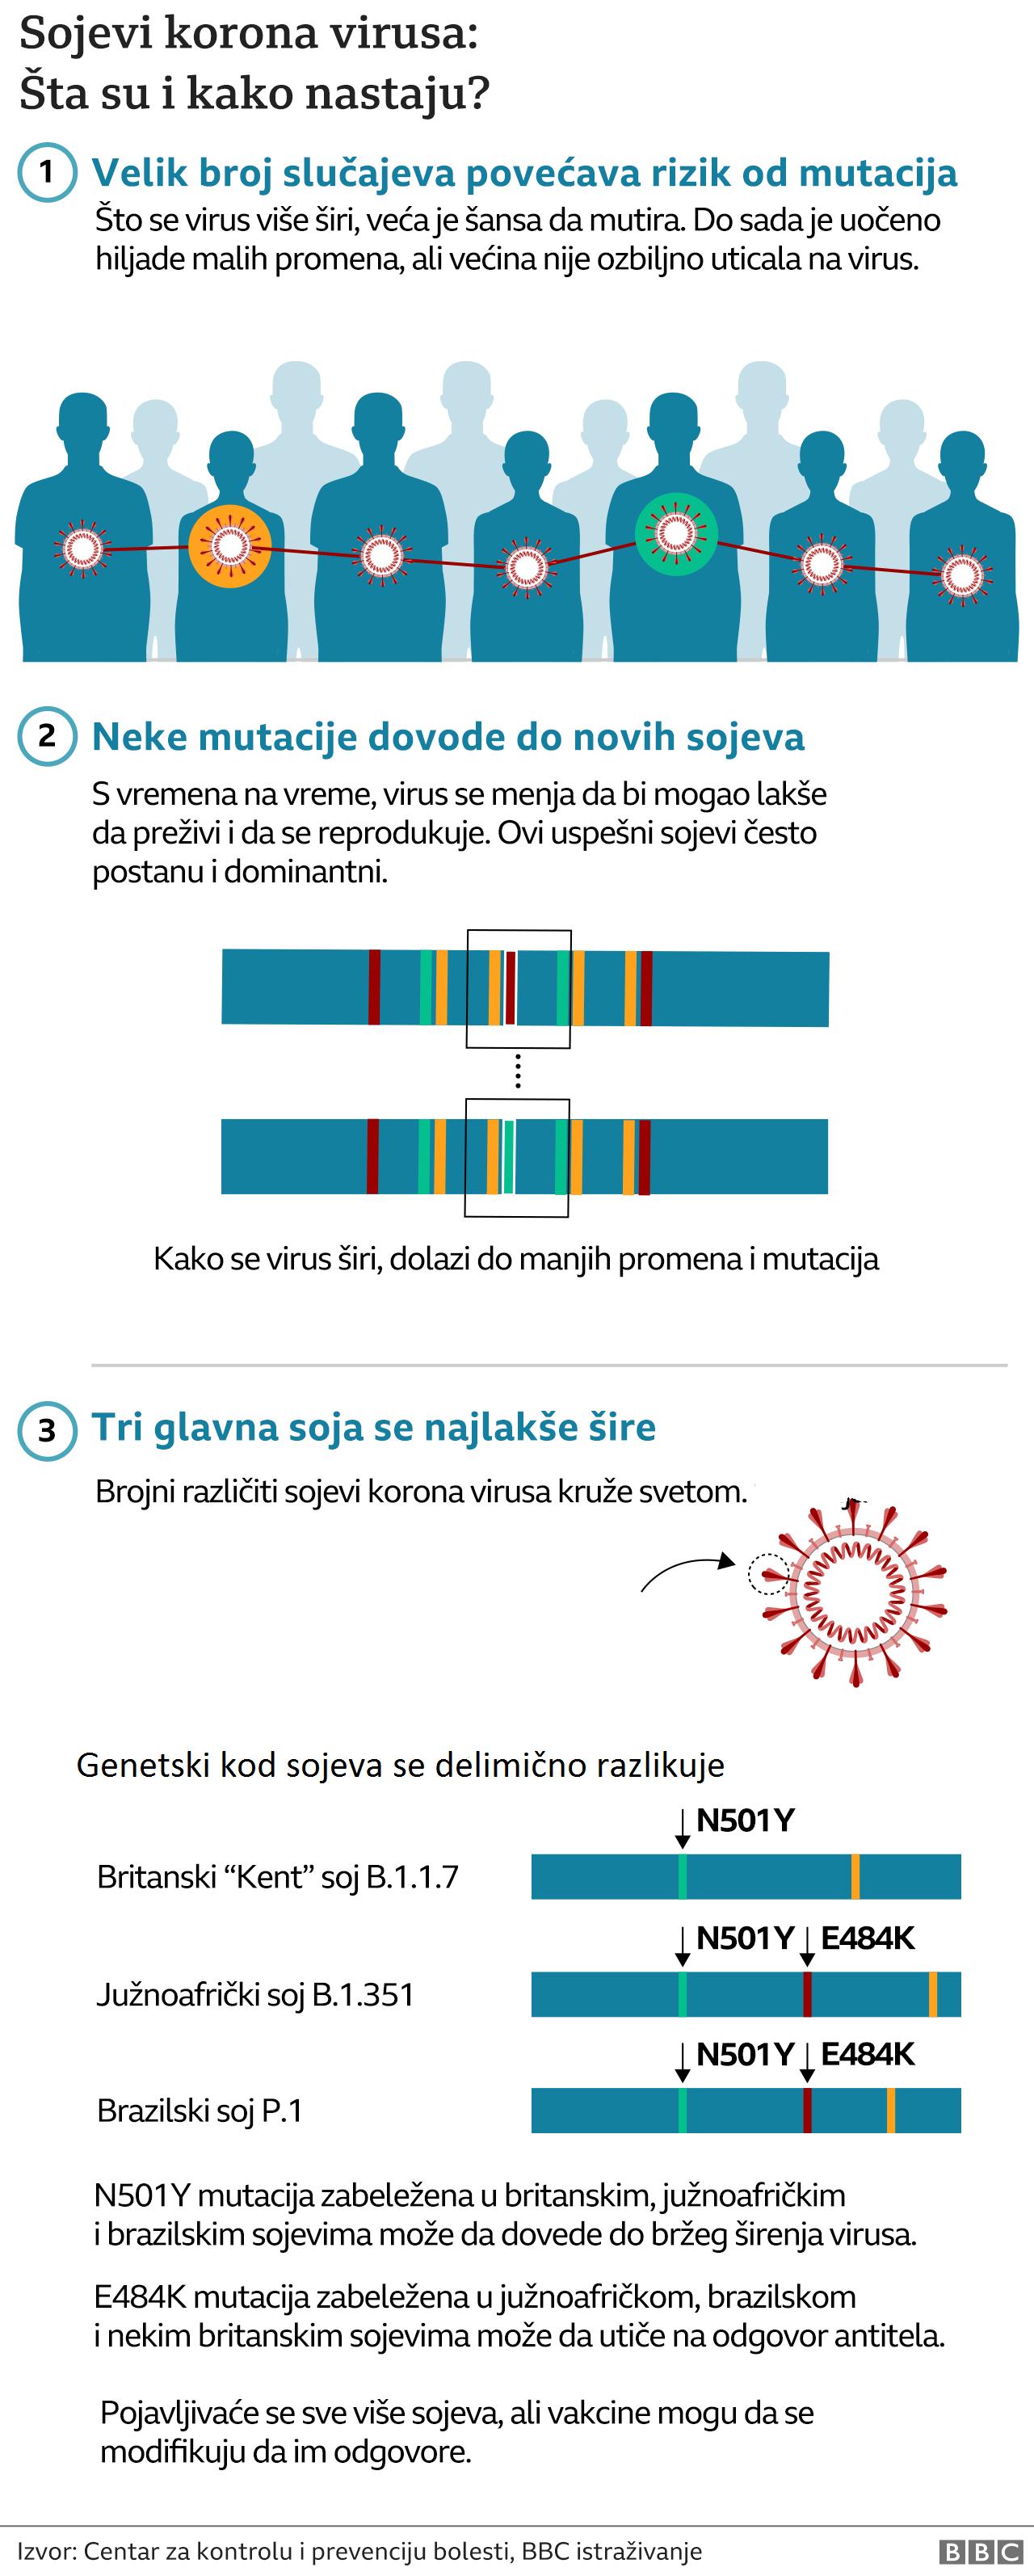 116911656_coronavirus_variants_v3_inf640-2x-n-19